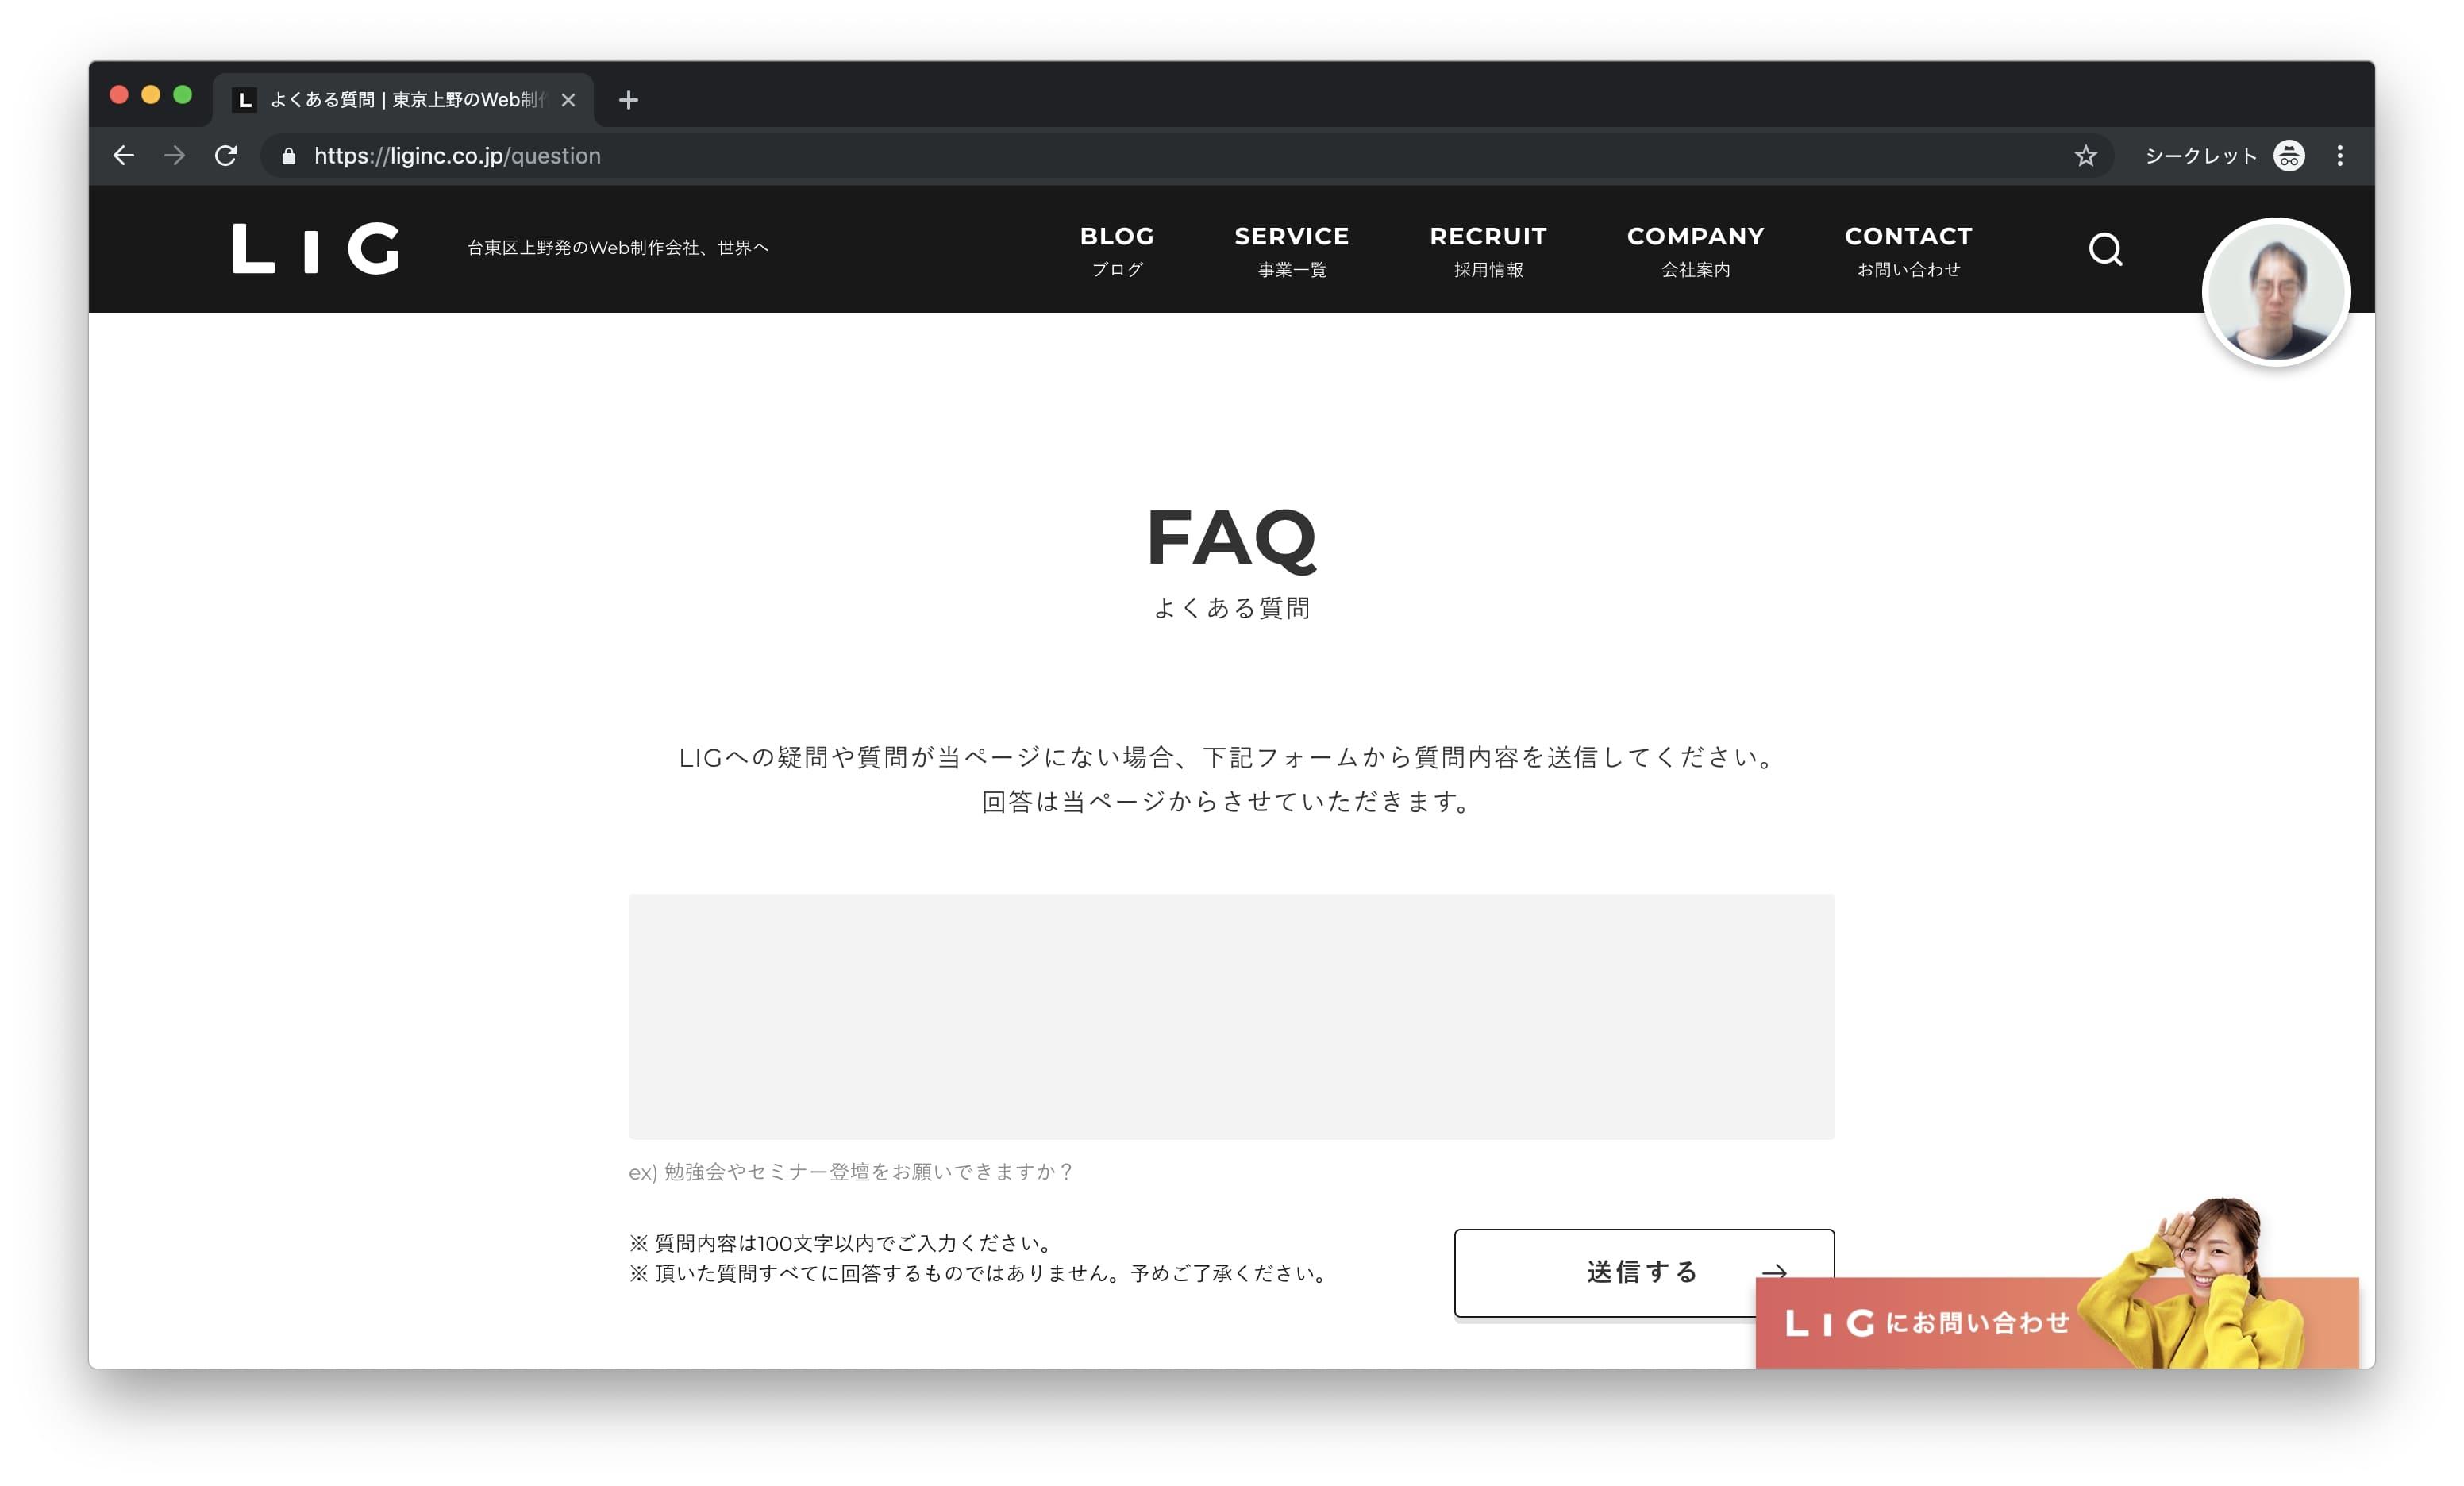 よくあるお問い合わせ(FAQ)